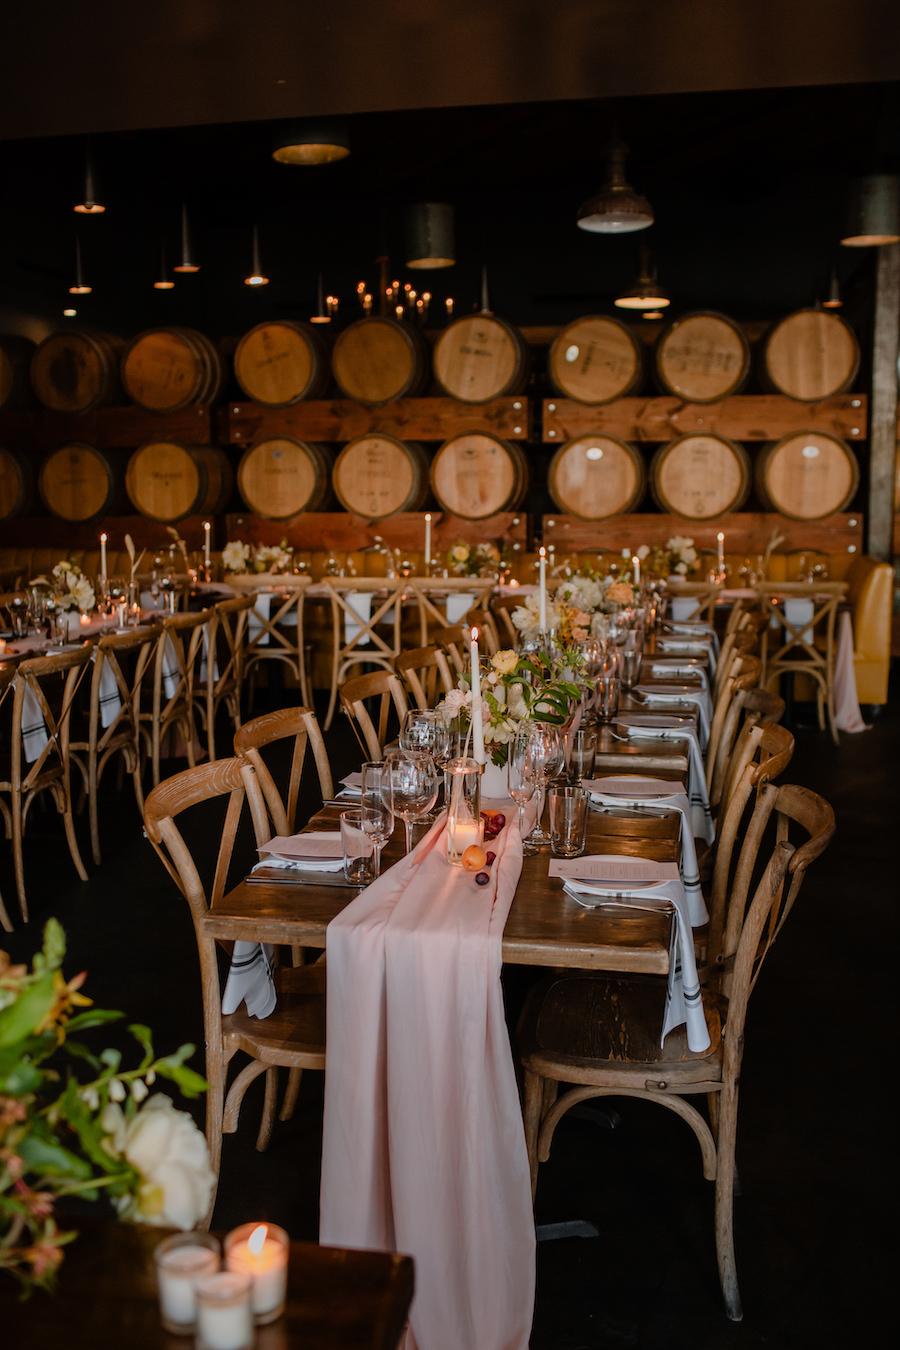 Wedding dinner at Madera Kitchen